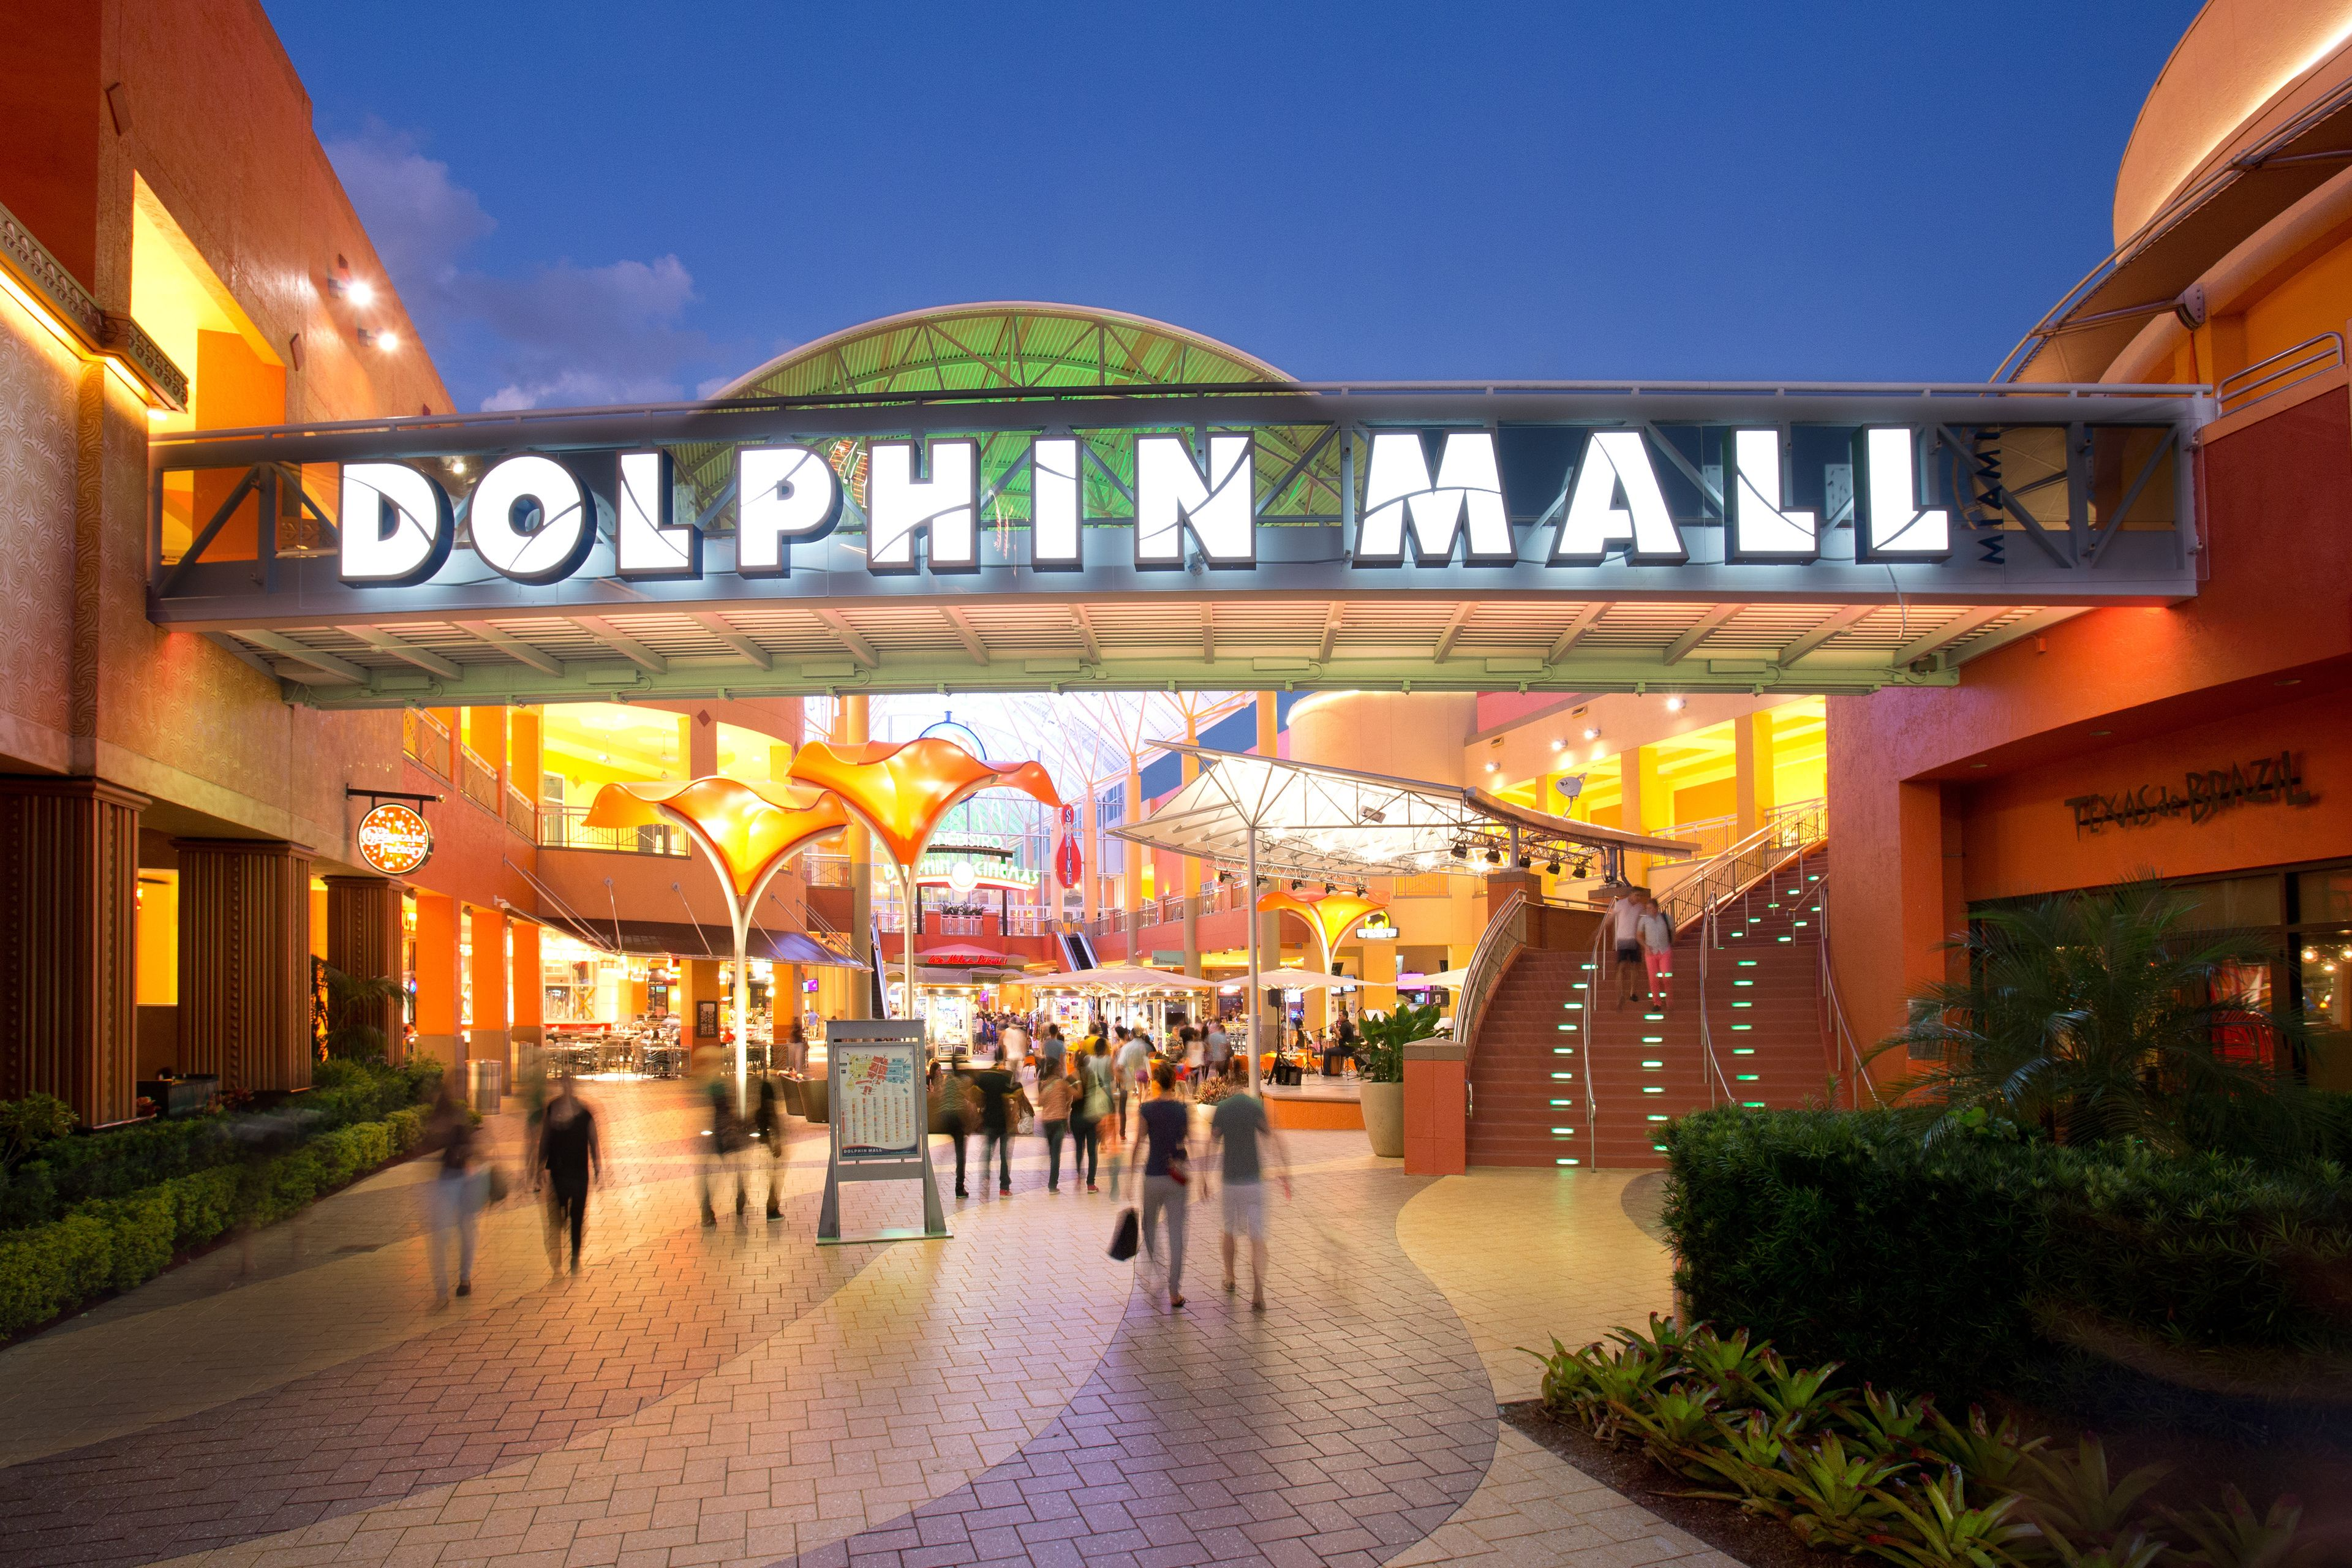 Dolphin Mall in Miami